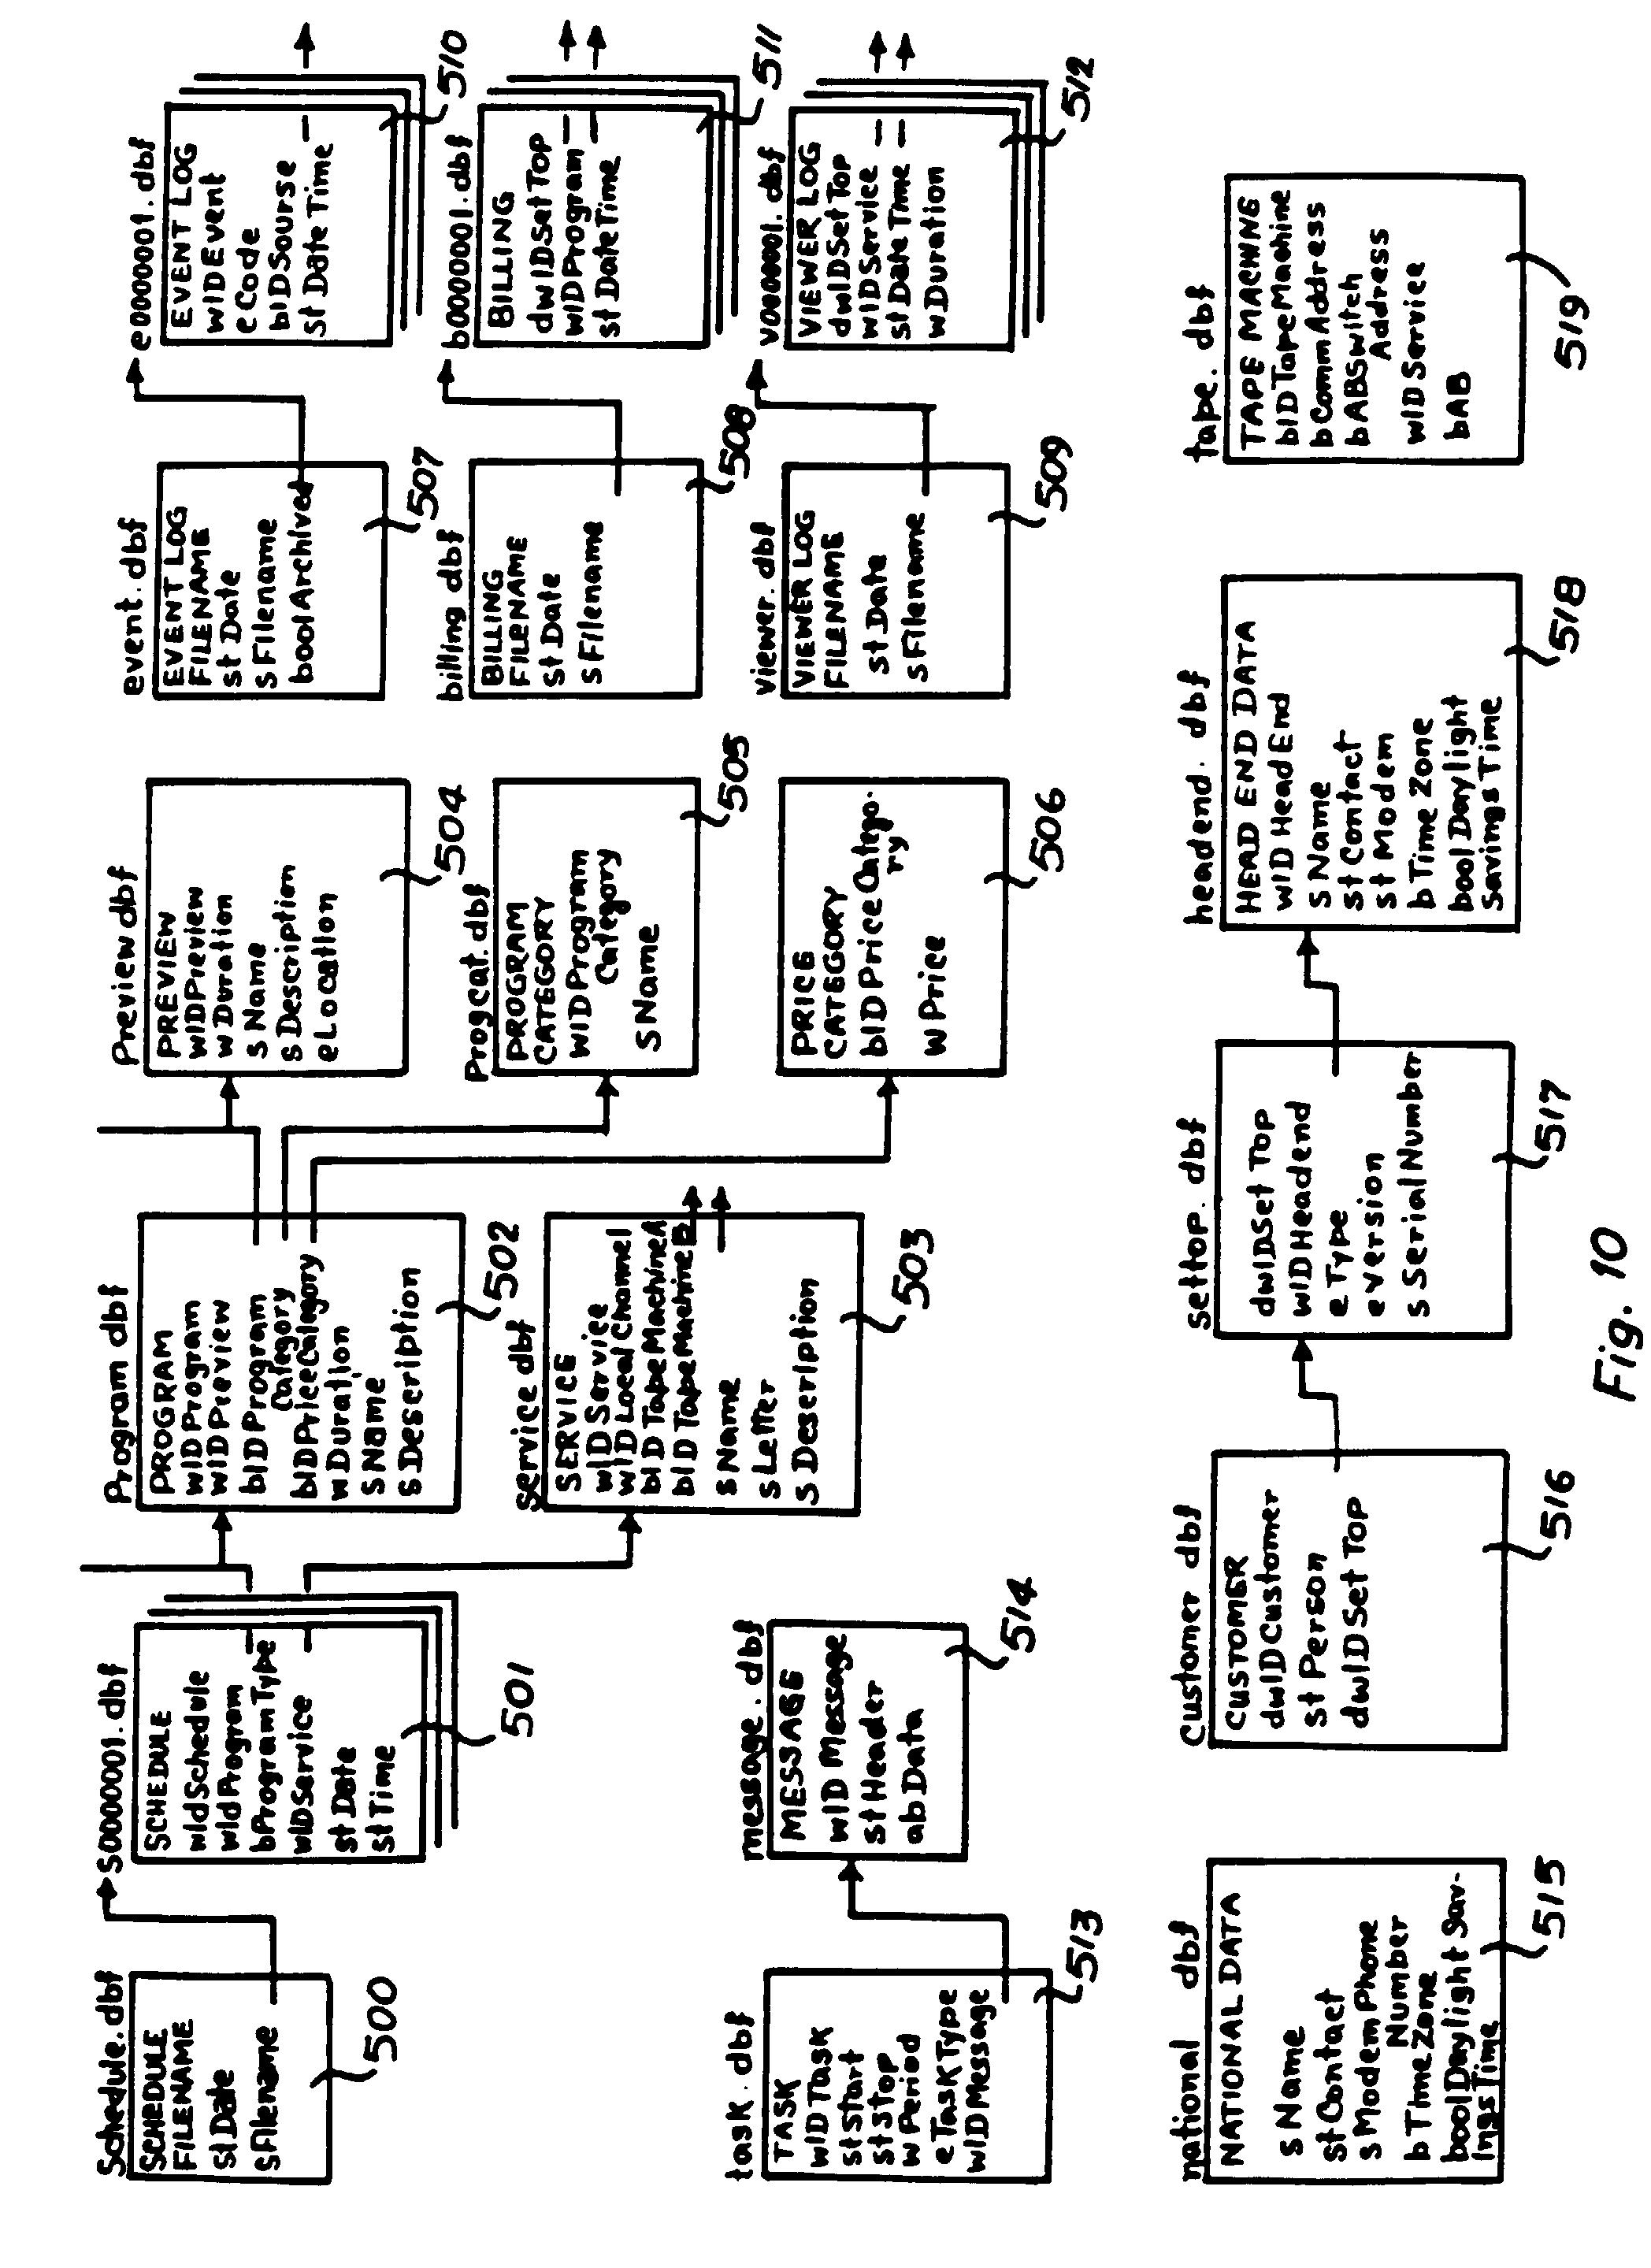 ep0673580b1 operationszentrale f r ein fernsehprogrammpaketierungs  ep0673580b1 operationszentrale f r ein fernsehprogrammpaketierungs und vers ungssystem patents